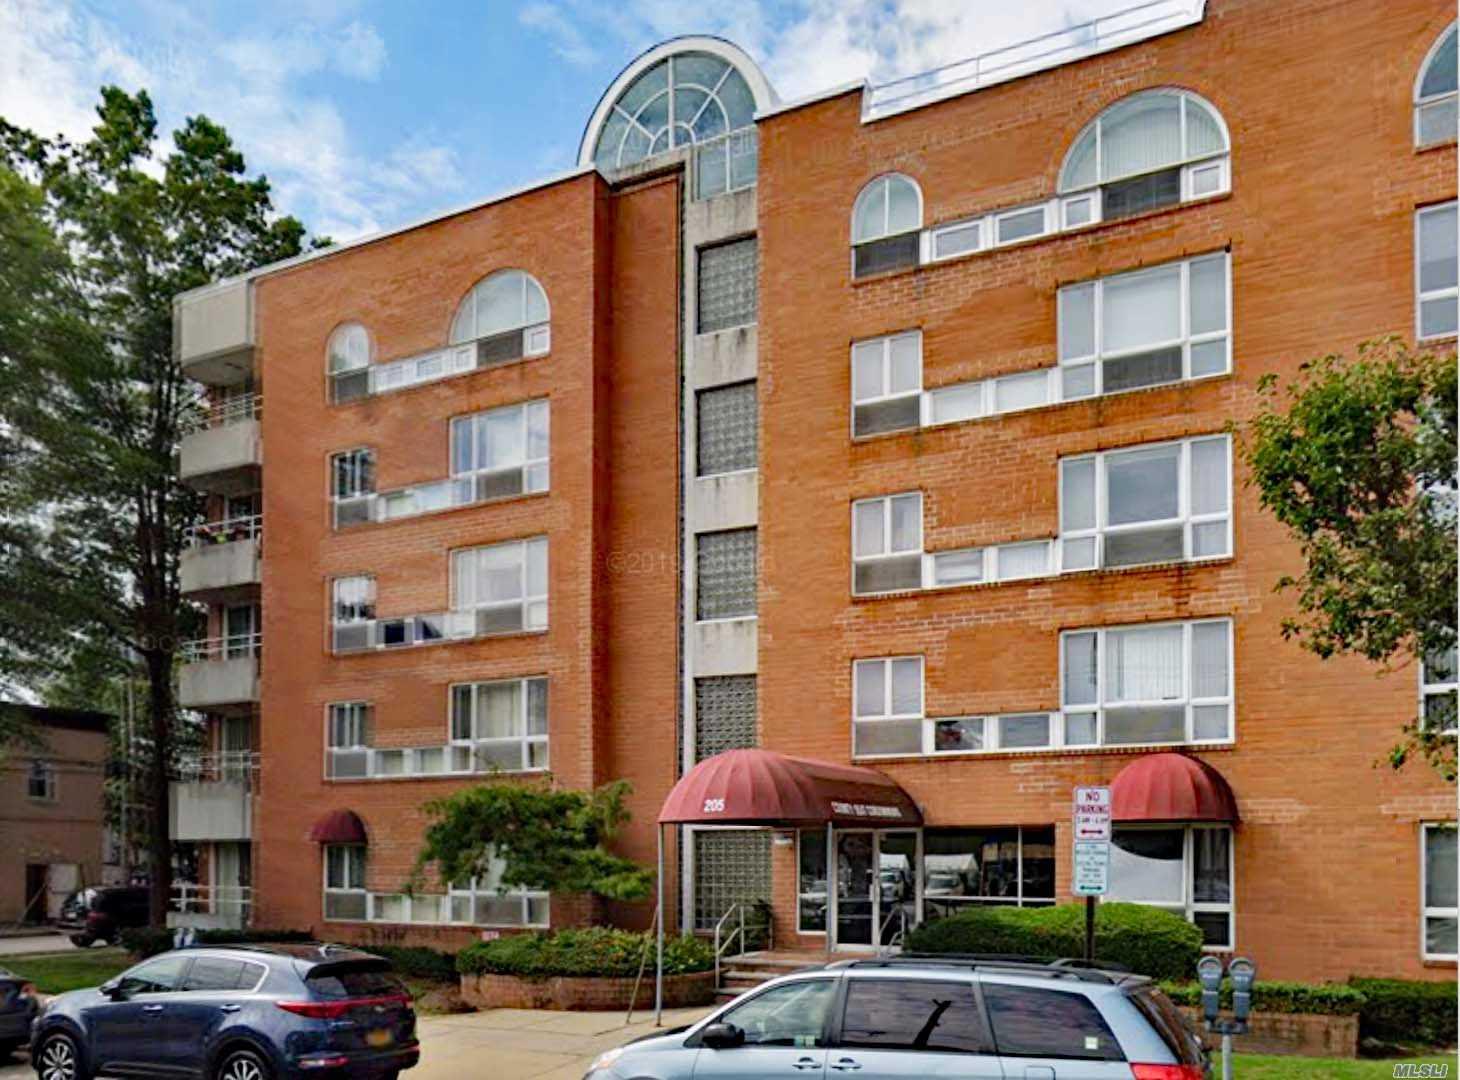 Property for sale at 205 Mineola Boulevard, Mineola NY 11501, Mineola,  New York 11501